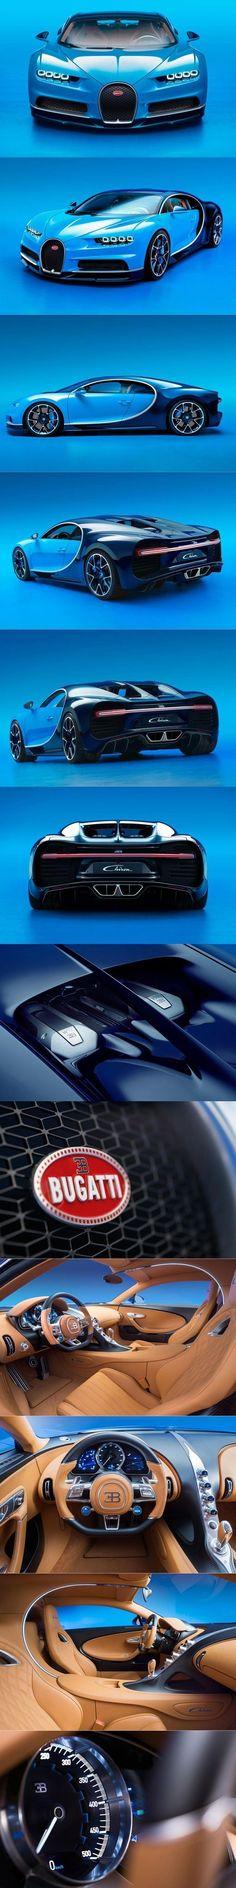 2016 Bugatti Chiron / France / blue / 1500 hp #BugattiChiron